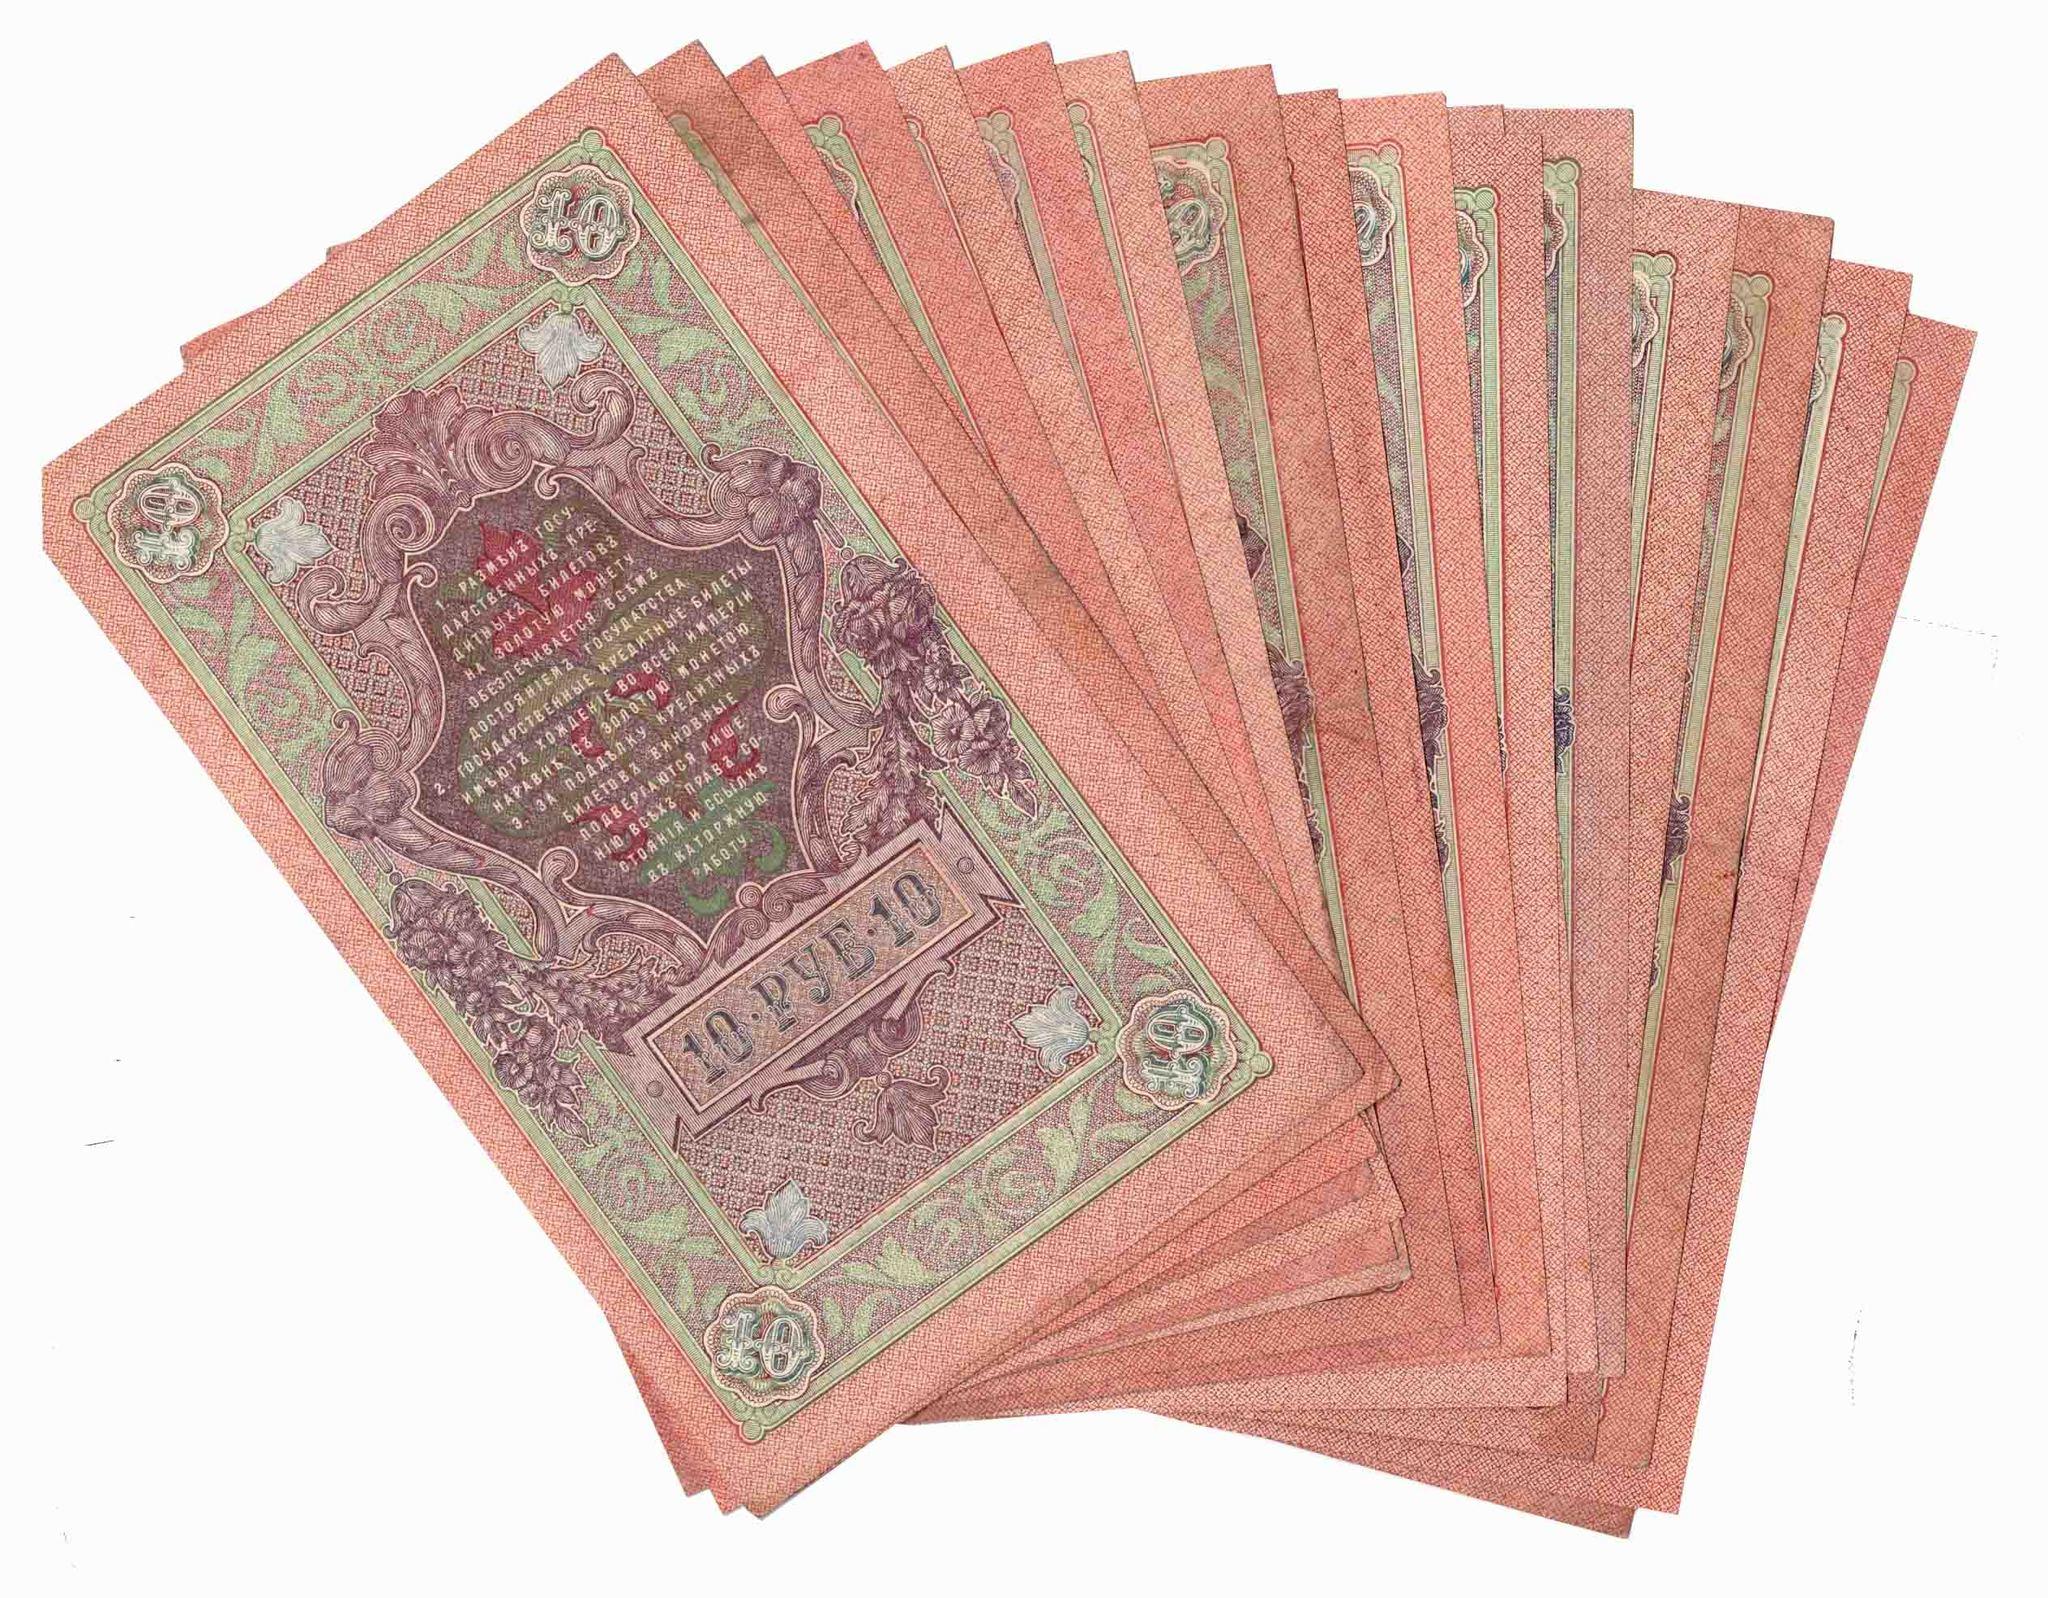 Набор из 17 кредитных билетов 10 рублей 1909 года. Управляющий И.П. Шипов. Набор кассиров.